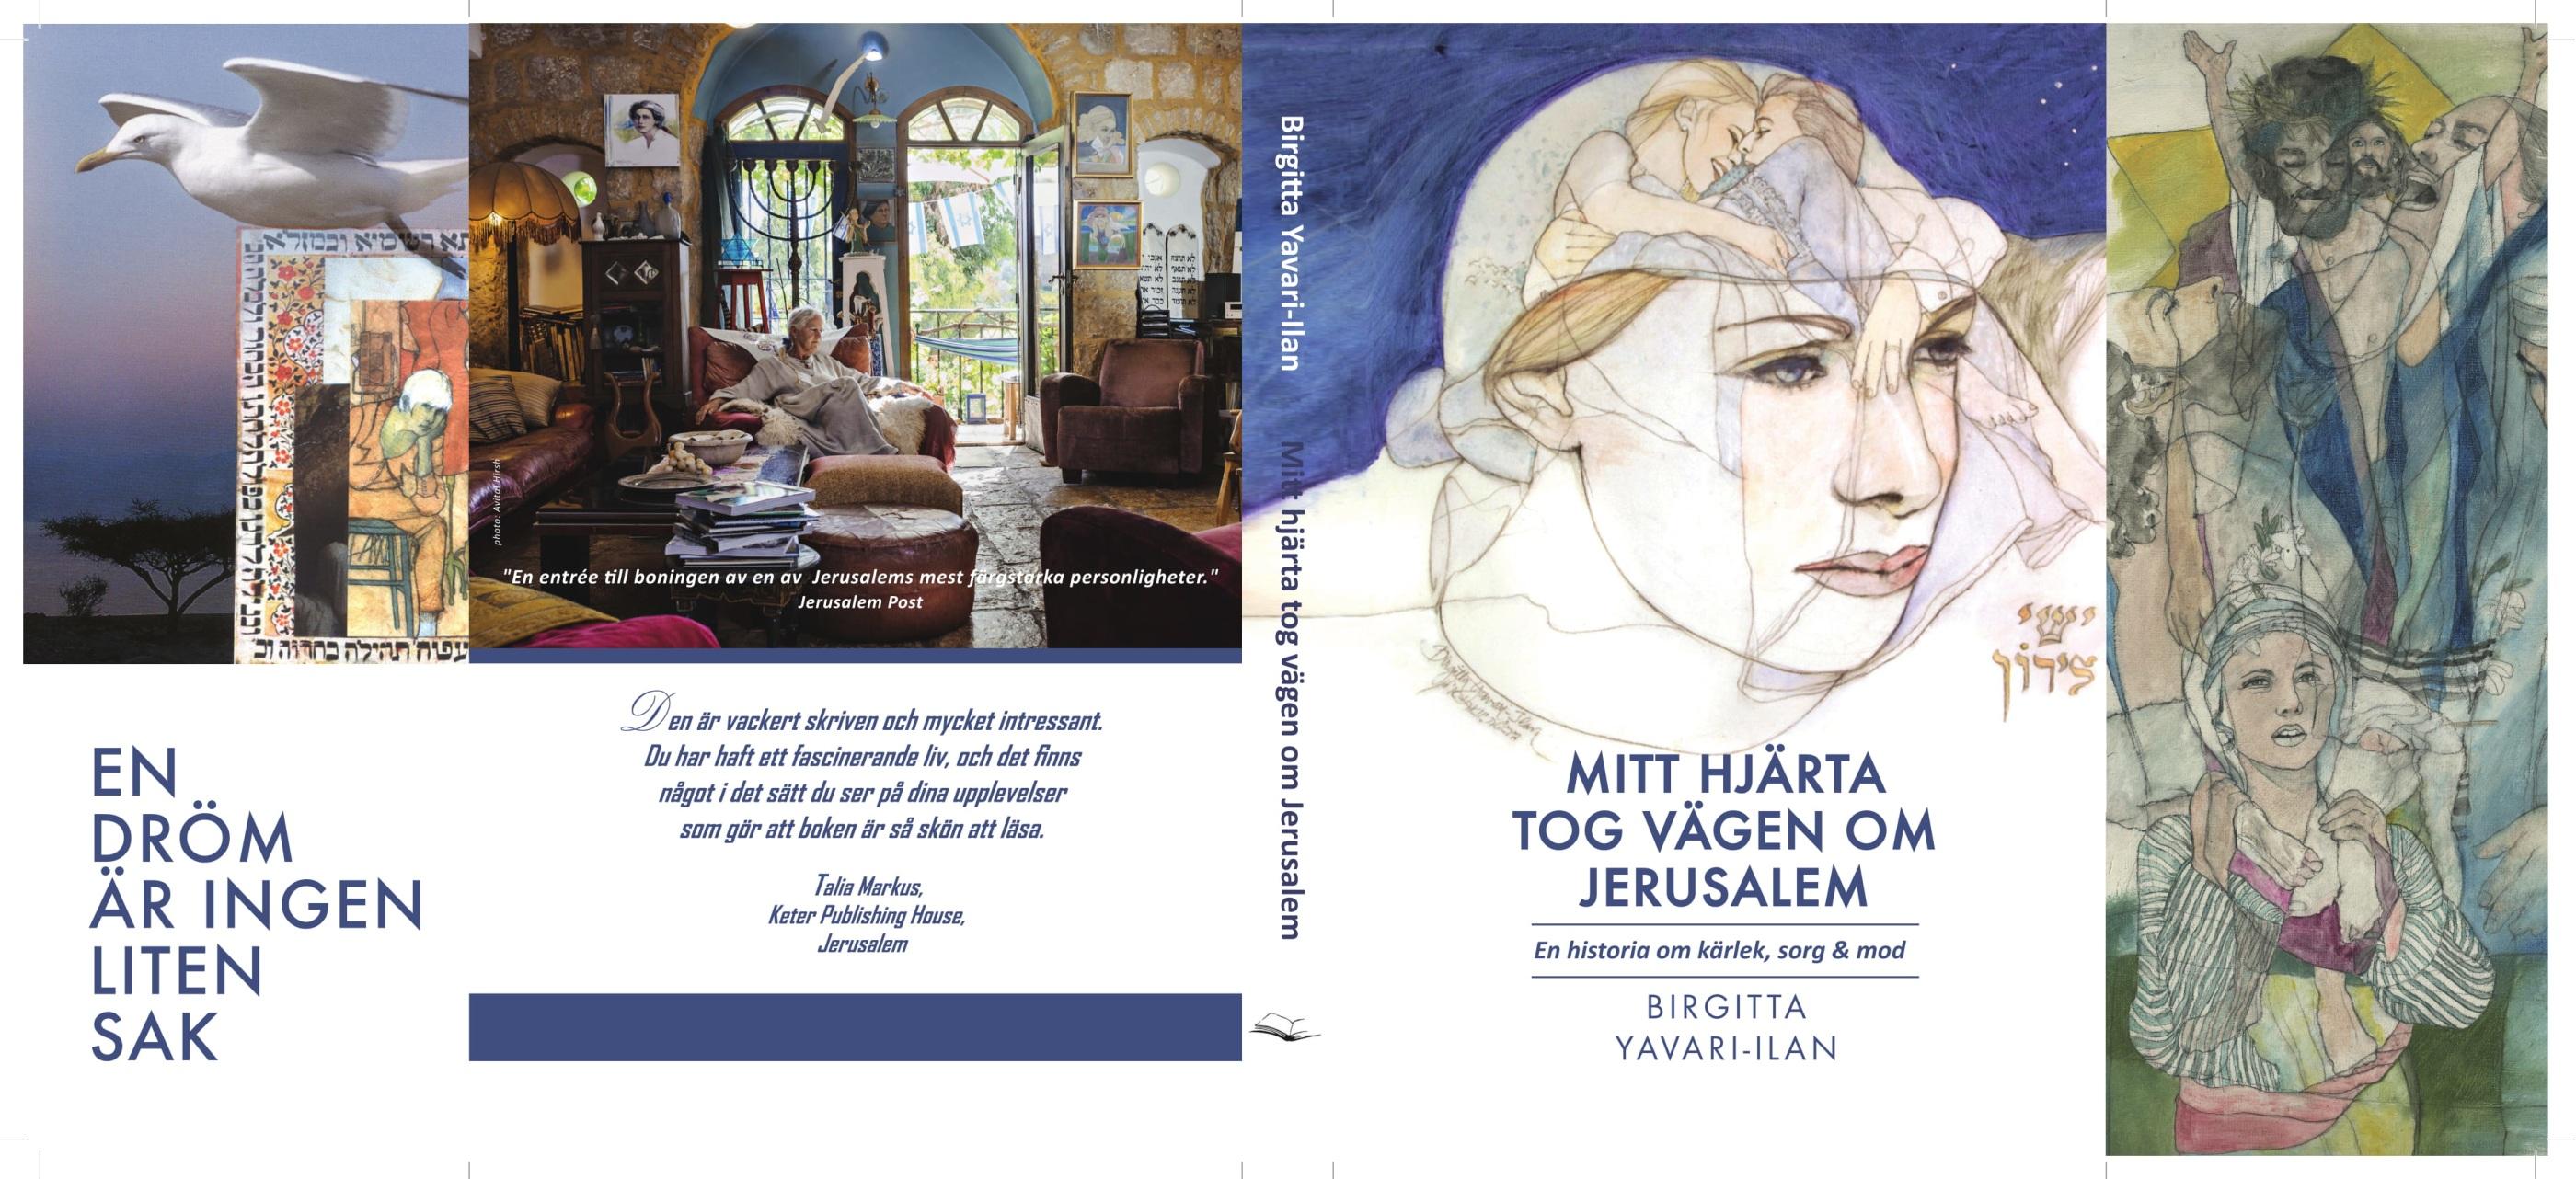 Omslag_ bok från Reagea_ Mitt hjärta tog vägen om Jerusalem-1